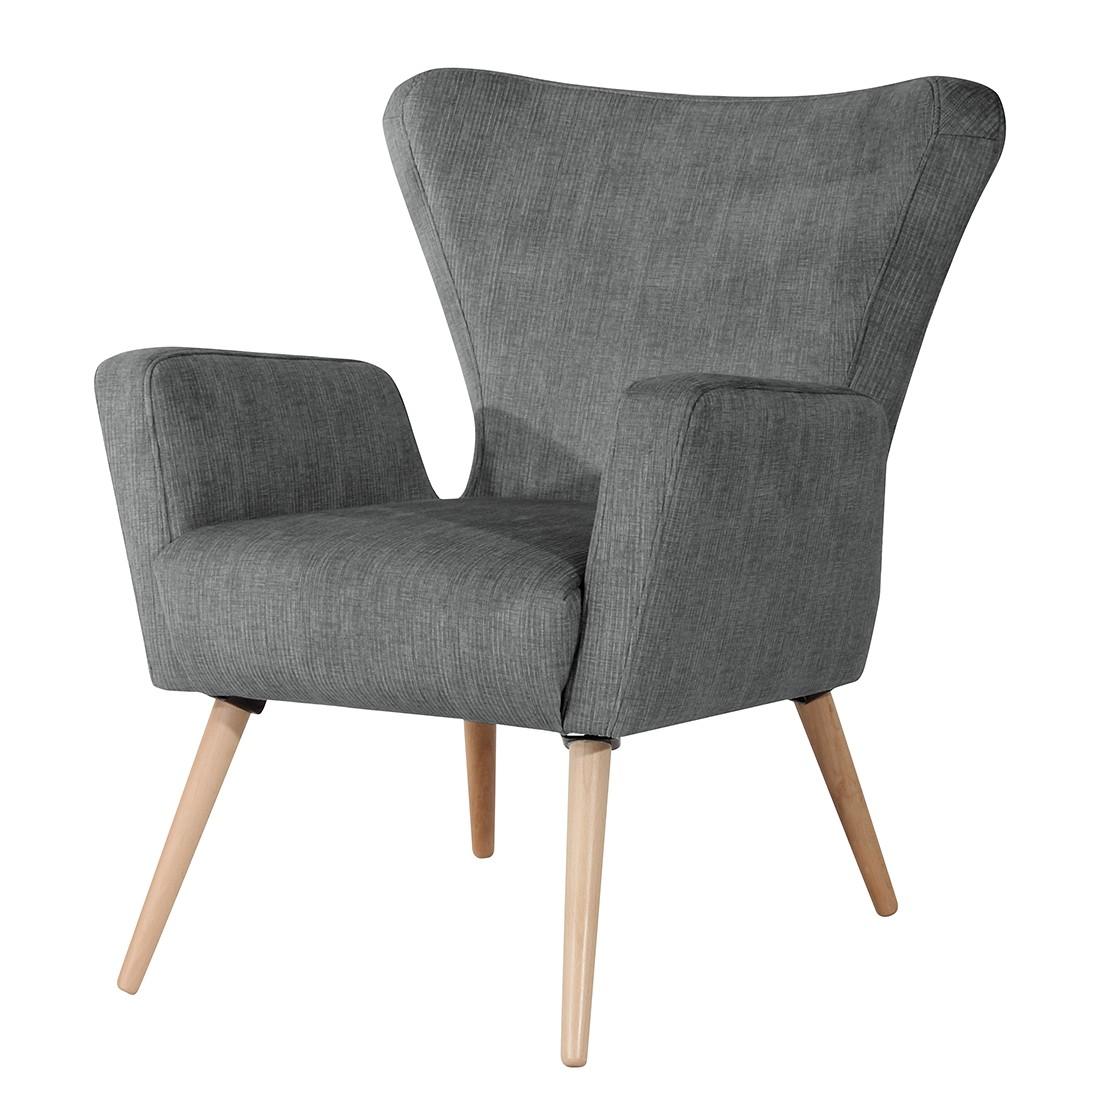 sessel sitzh he 50 cm preisvergleiche erfahrungsberichte und kauf bei nextag. Black Bedroom Furniture Sets. Home Design Ideas